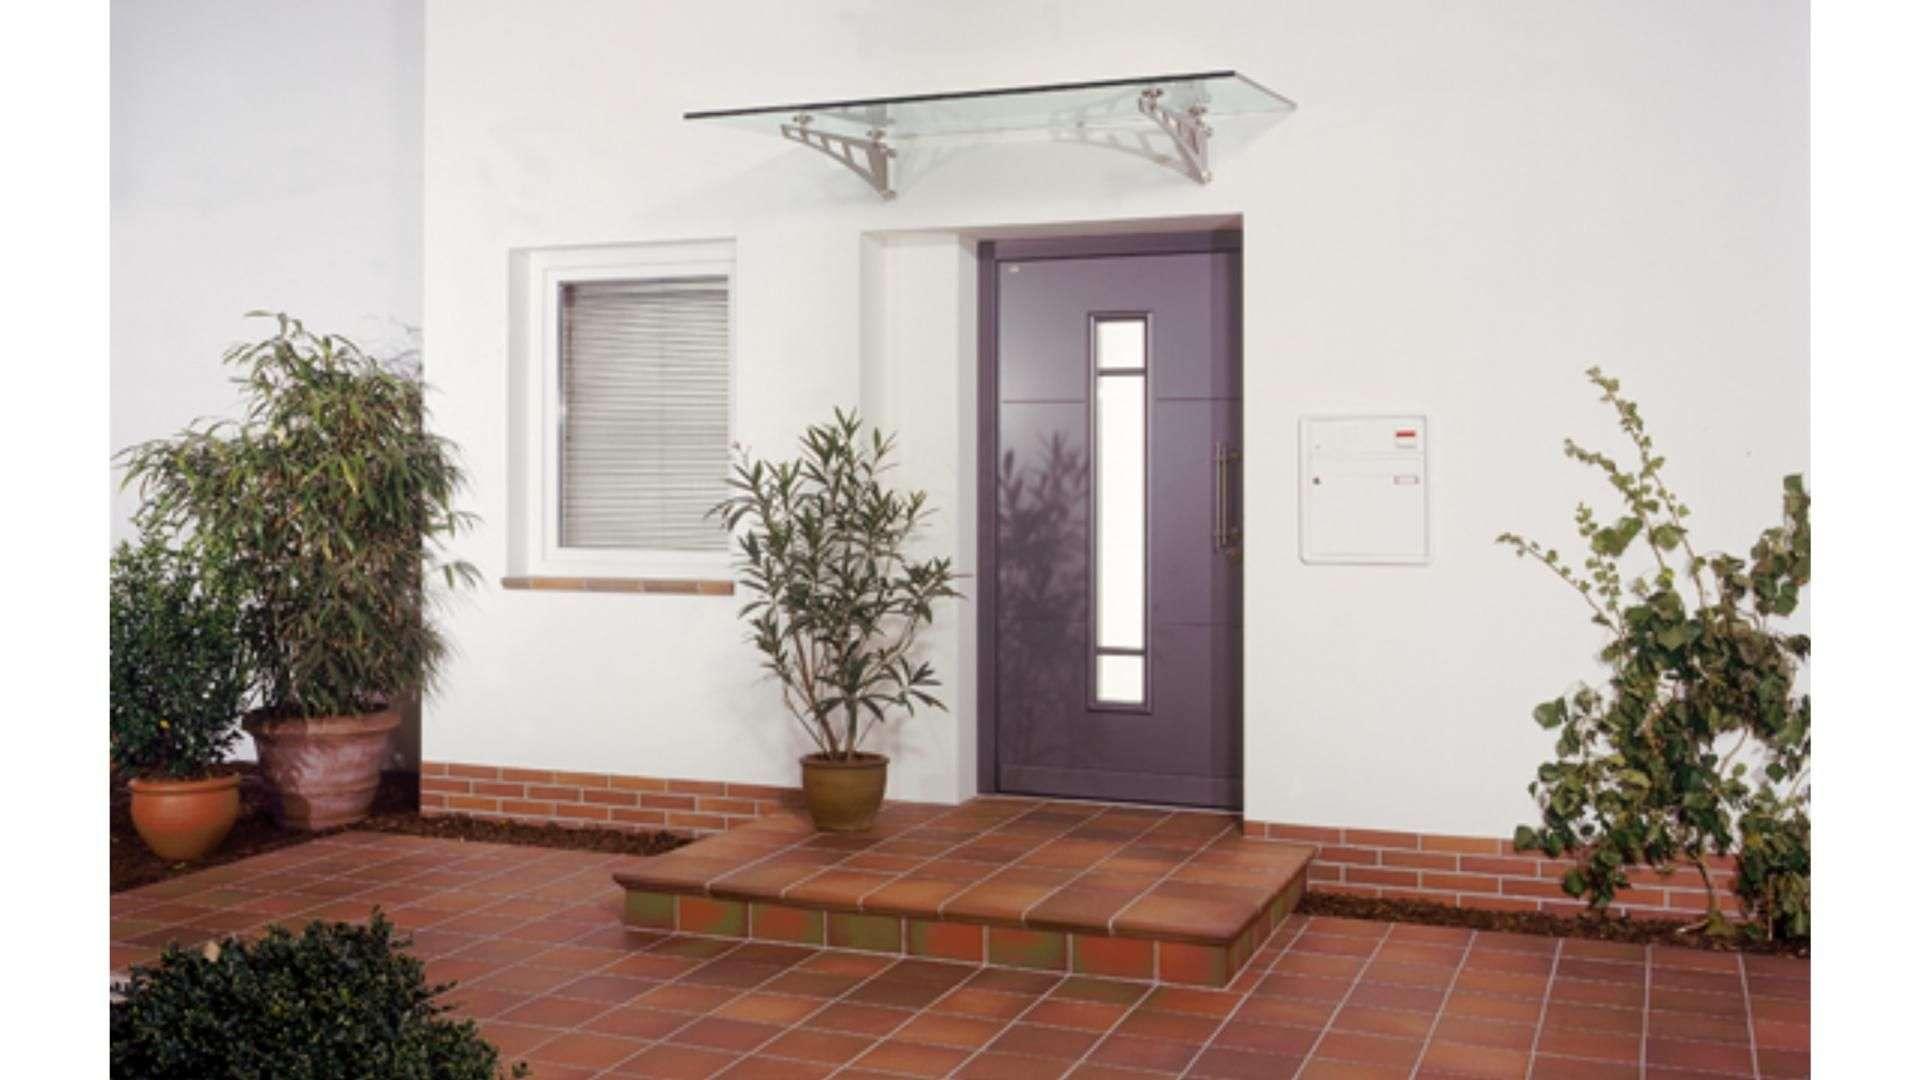 Vordach aus Glas über einer Haustür